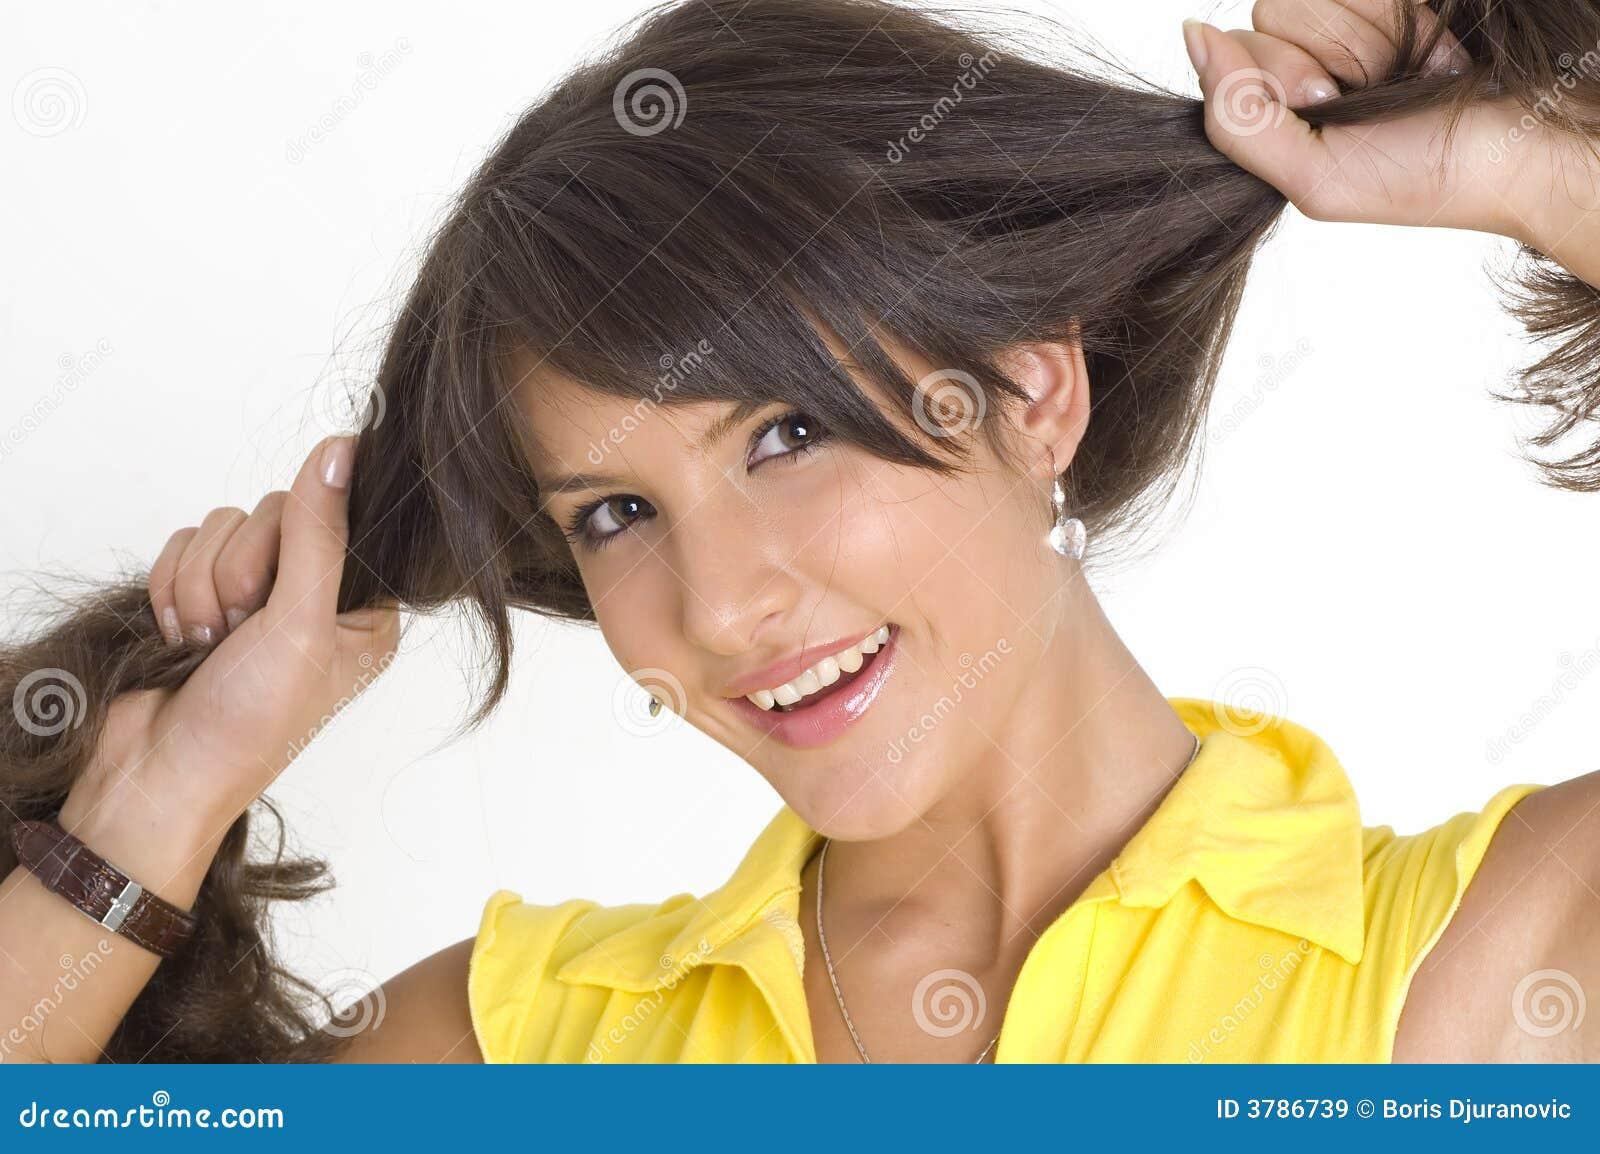 смешные картинки про волосы